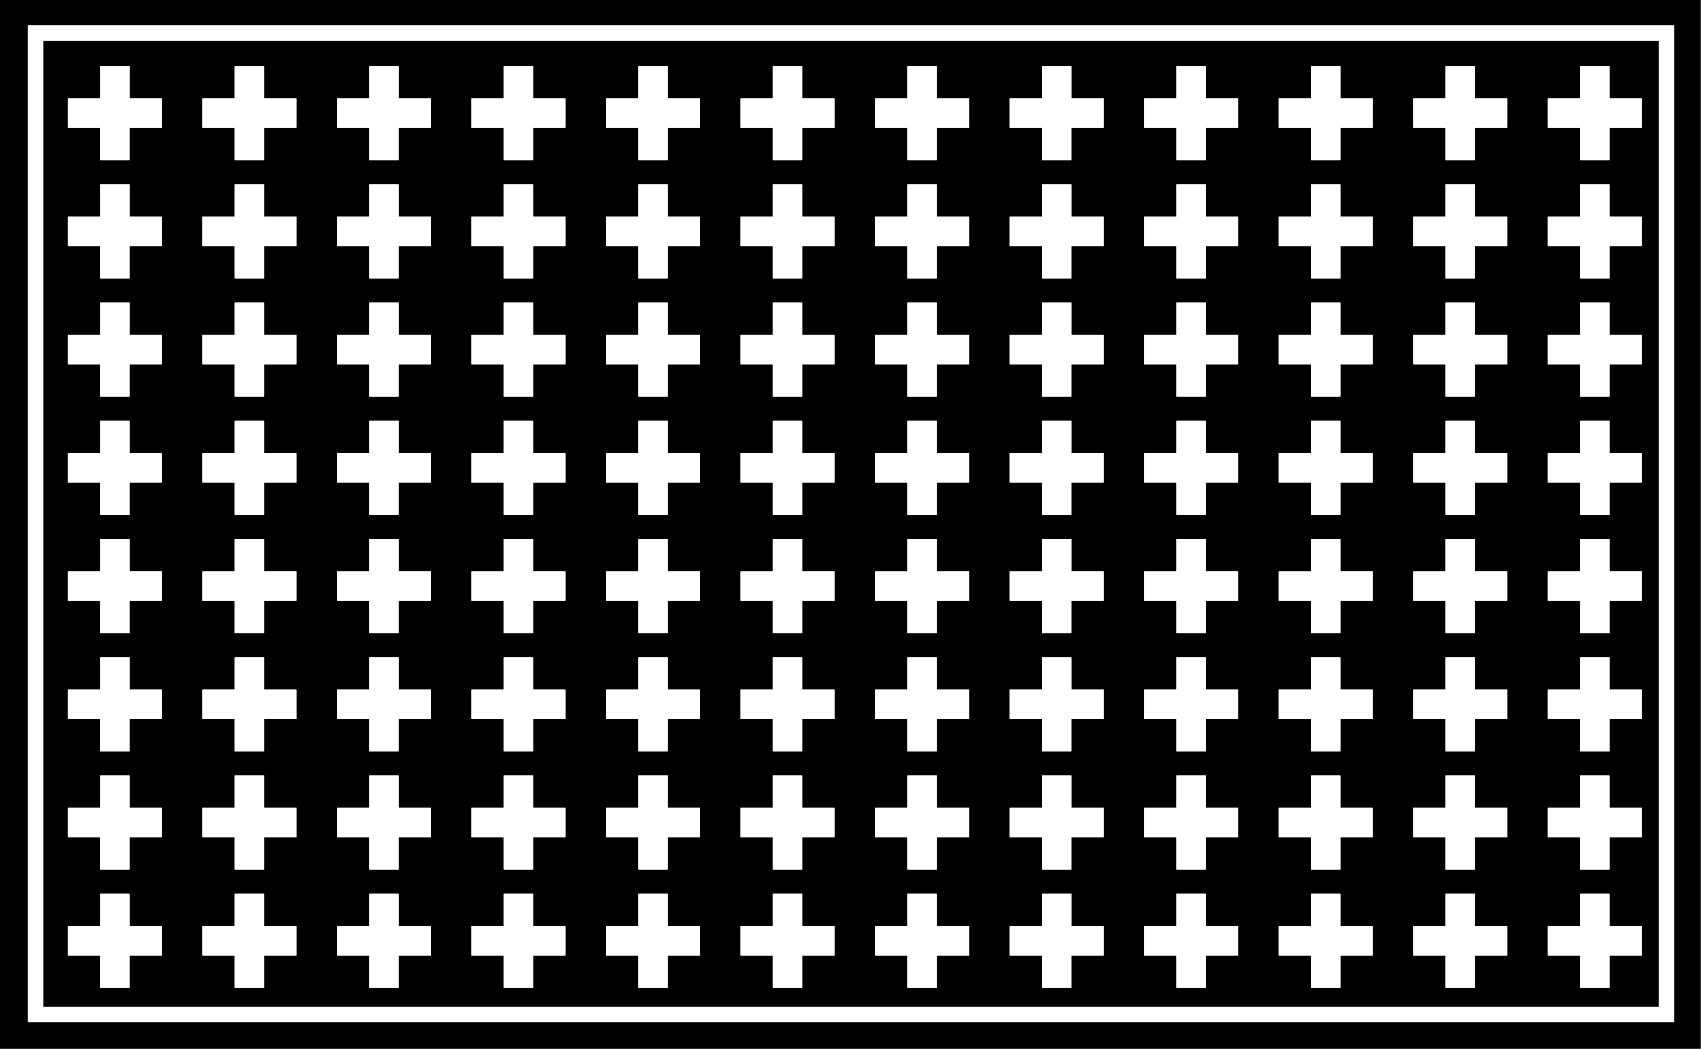 TenVinilo. Alfombra vinílica entrada cruces blancas y negras. Una alfombra vinilo entrada con cruces en blanco y negro original pero simple para que tu casa luzca impresionante ¡Producto resistente!